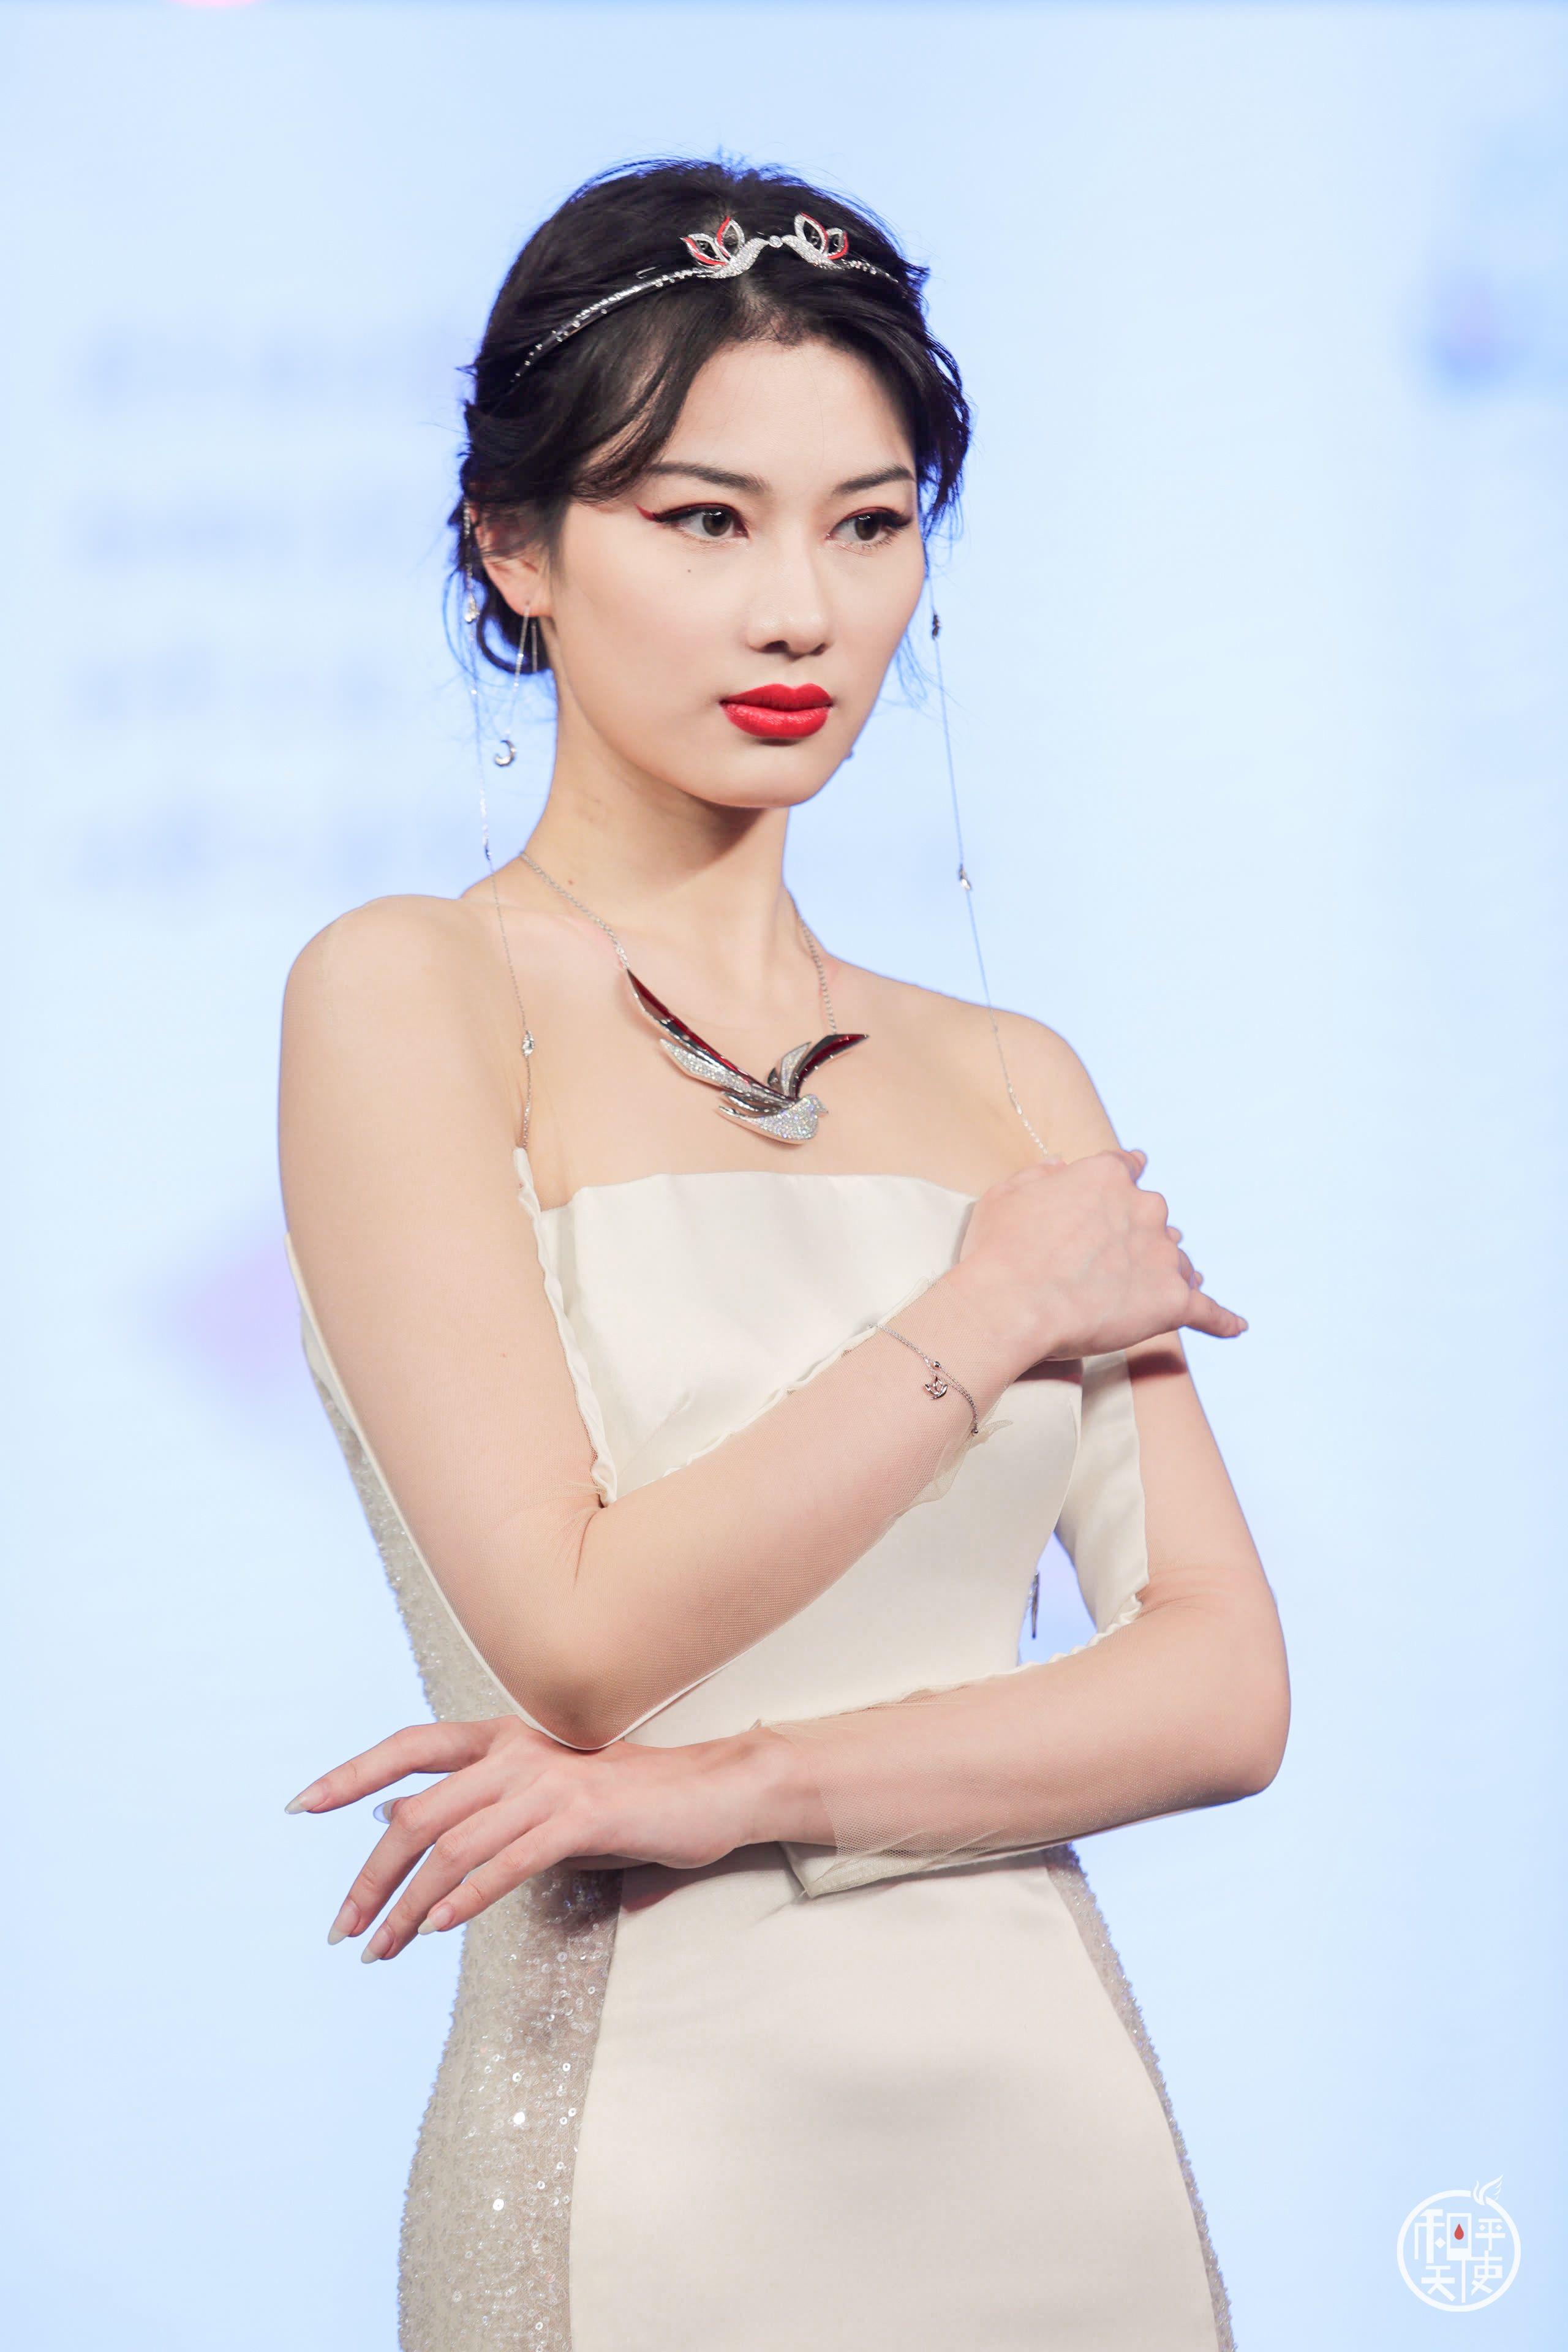 王凯亲临演绎周大福和平天使新品魅力,珠宝迷不容错过